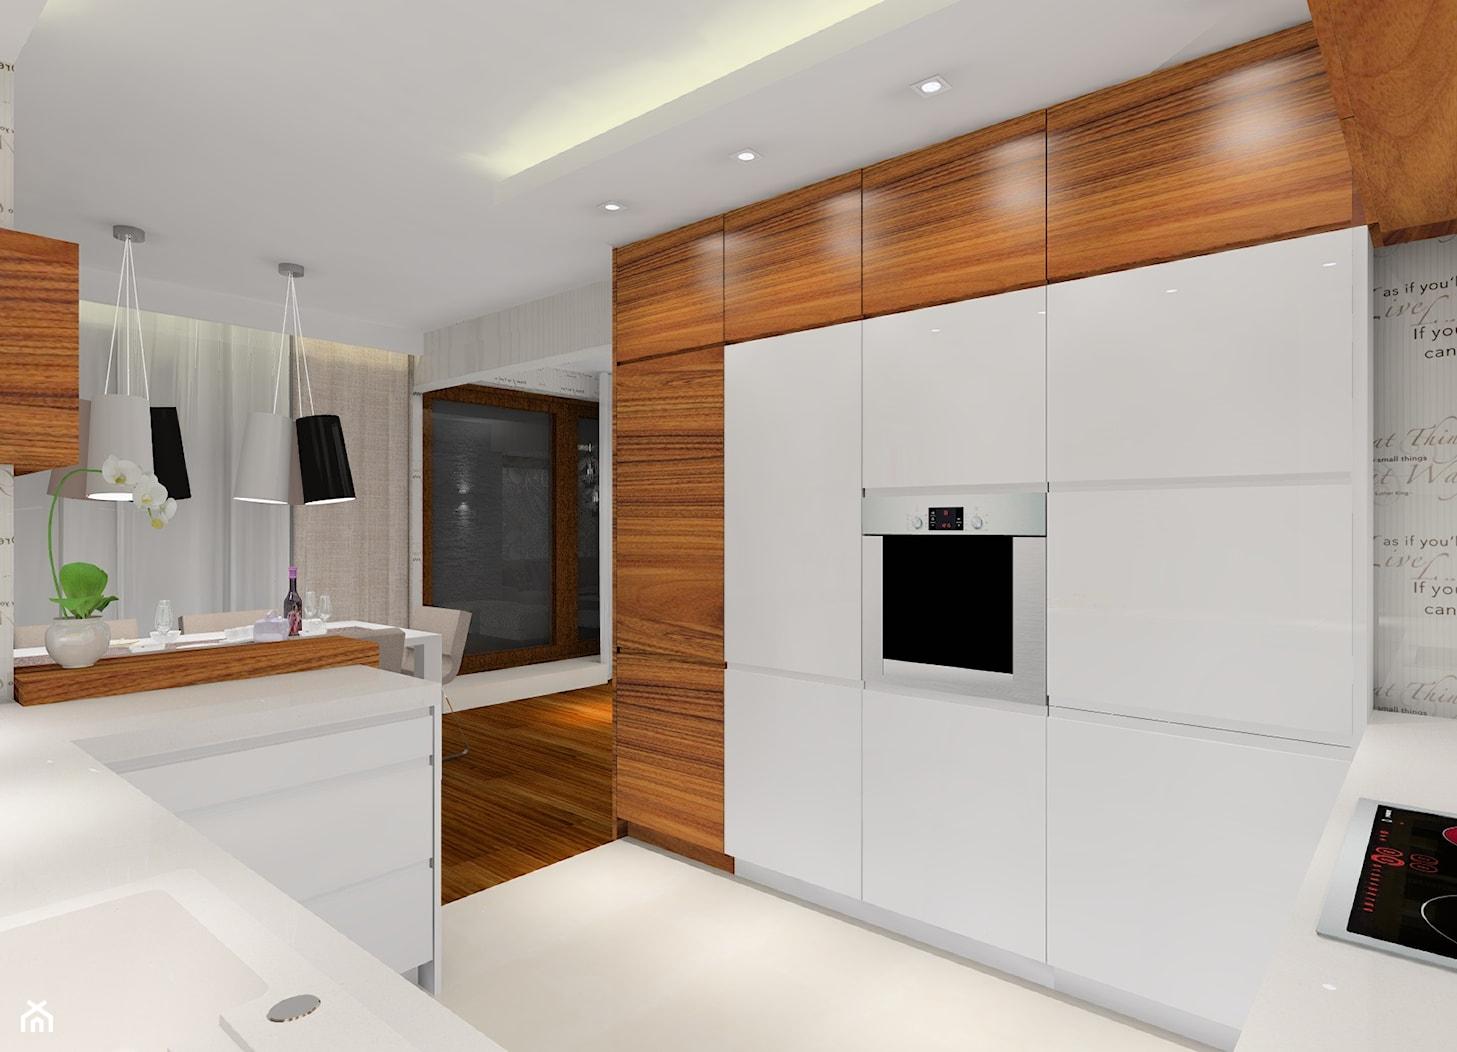 Przytulne mieszkanie - Kuchnia, styl nowoczesny - zdjęcie od MKdezere - Homebook